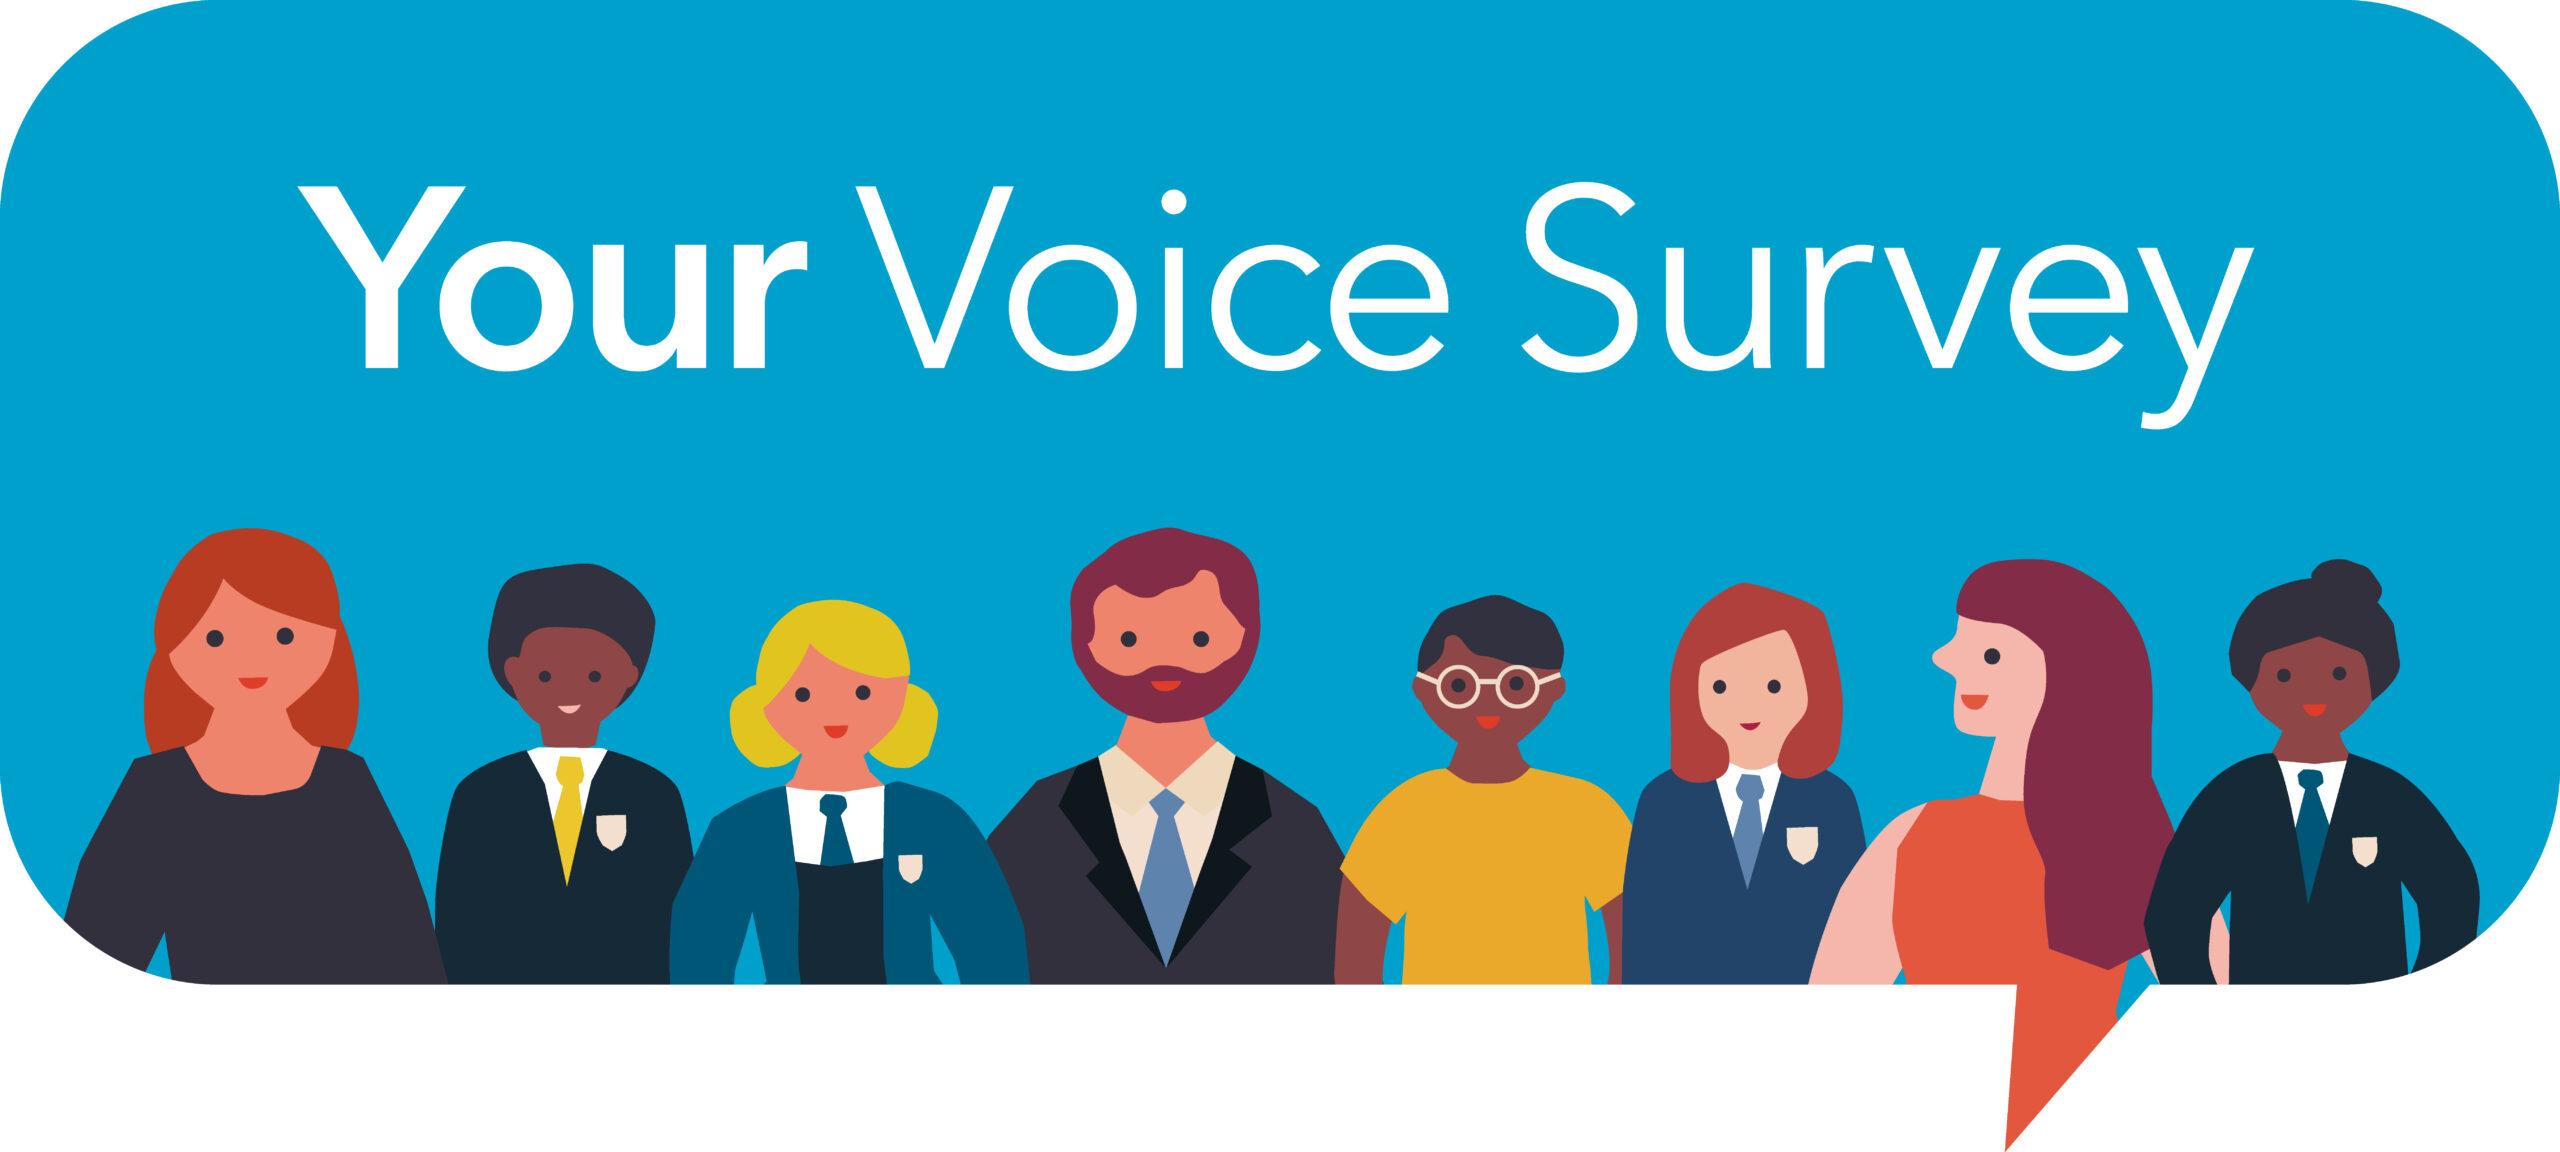 Your Voice Survey 2020/21